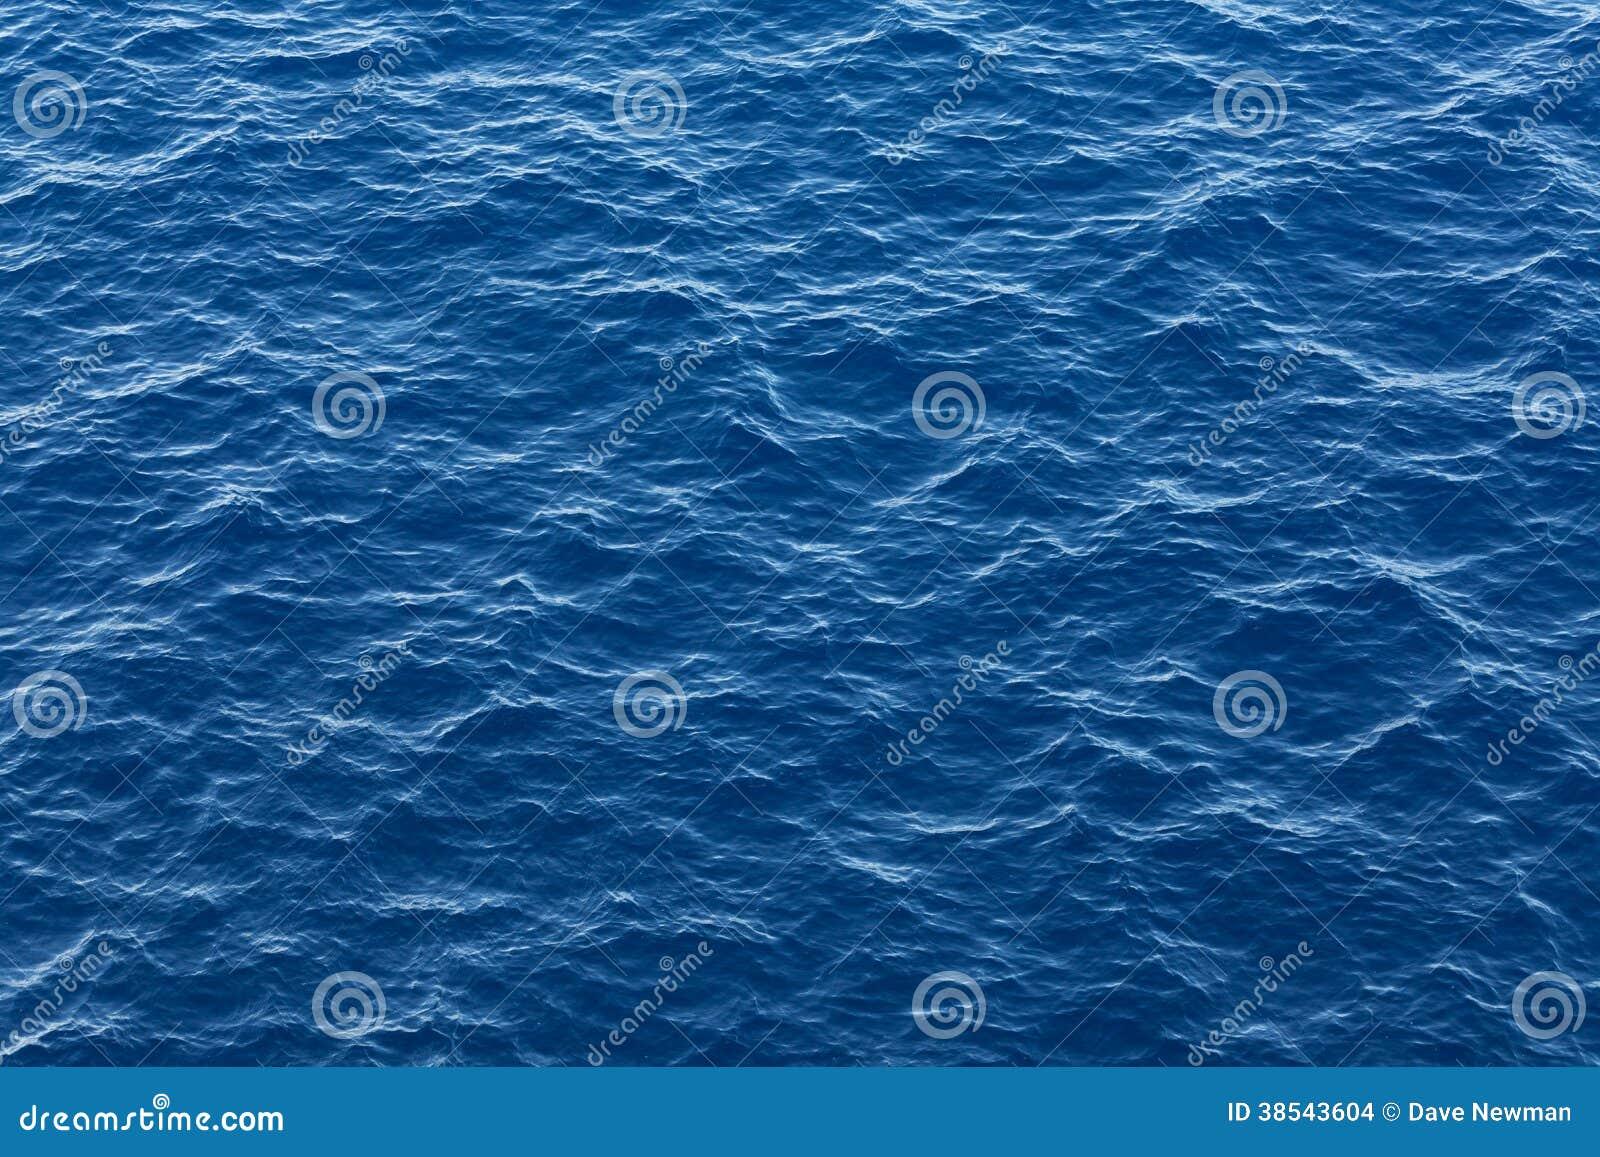 Blaue Ozeanwasserbeschaffenheit